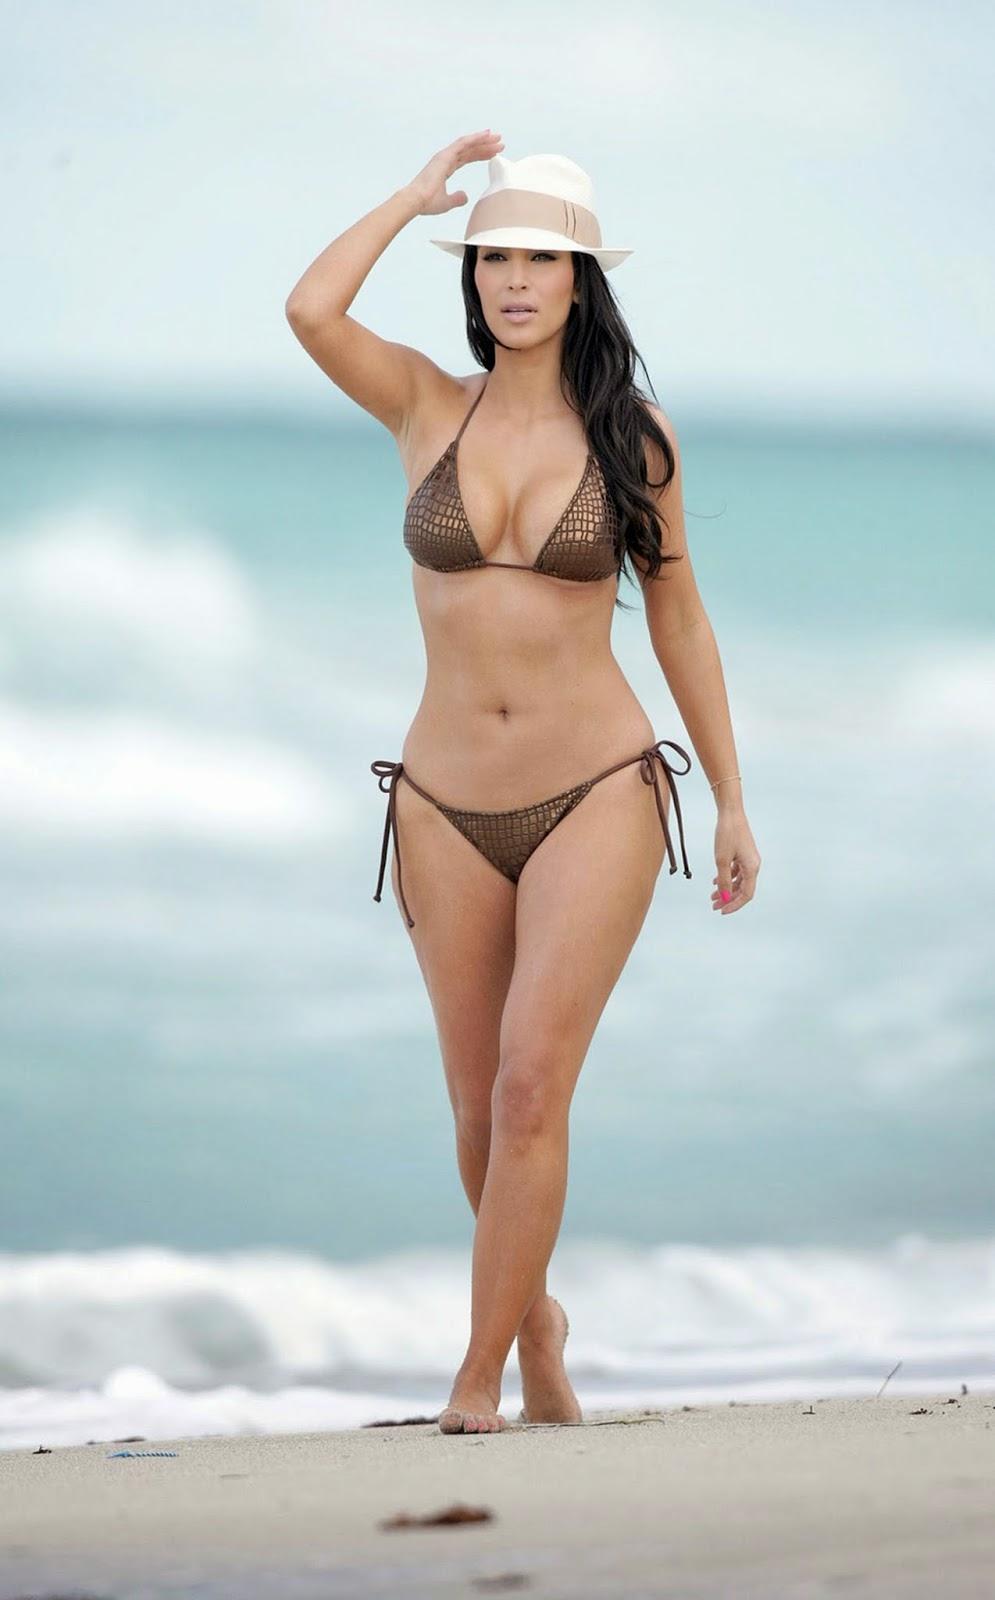 sexy bikini photo shoot video